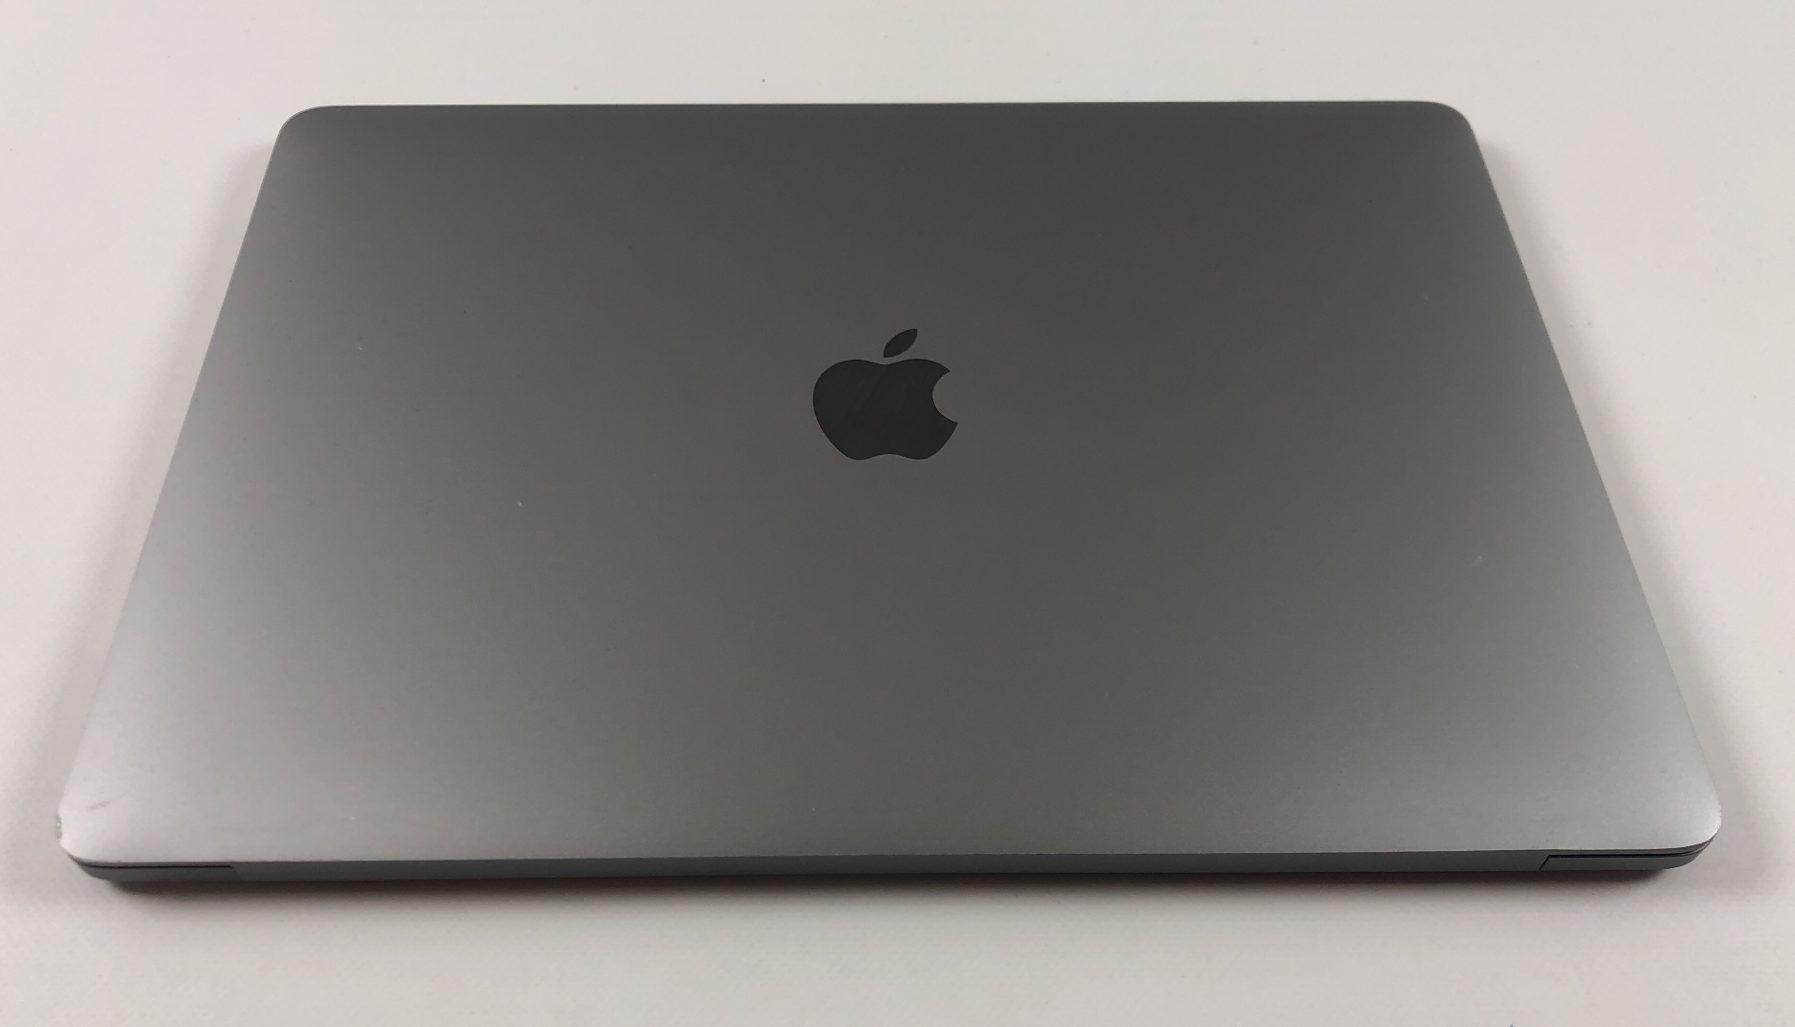 """MacBook Pro 13"""" 4TBT Mid 2017 (Intel Core i5 3.1 GHz 16 GB RAM 256 GB SSD), Space Gray, Intel Core i5 3.1 GHz, 16 GB RAM, 256 GB SSD, bild 2"""